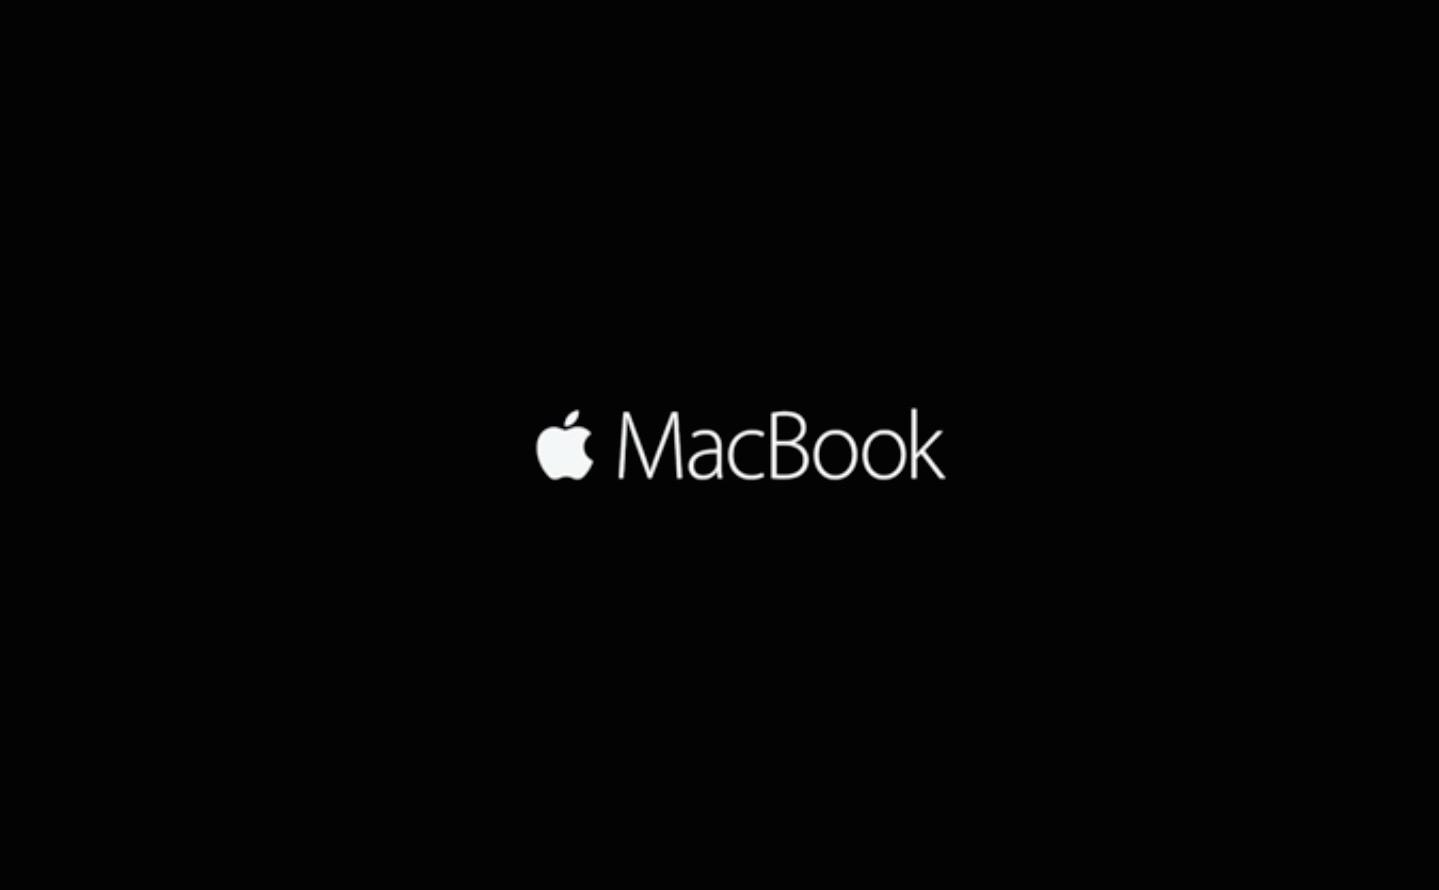 12インチ、Retinaディスプレイ搭載の新型「MacBook」が登場